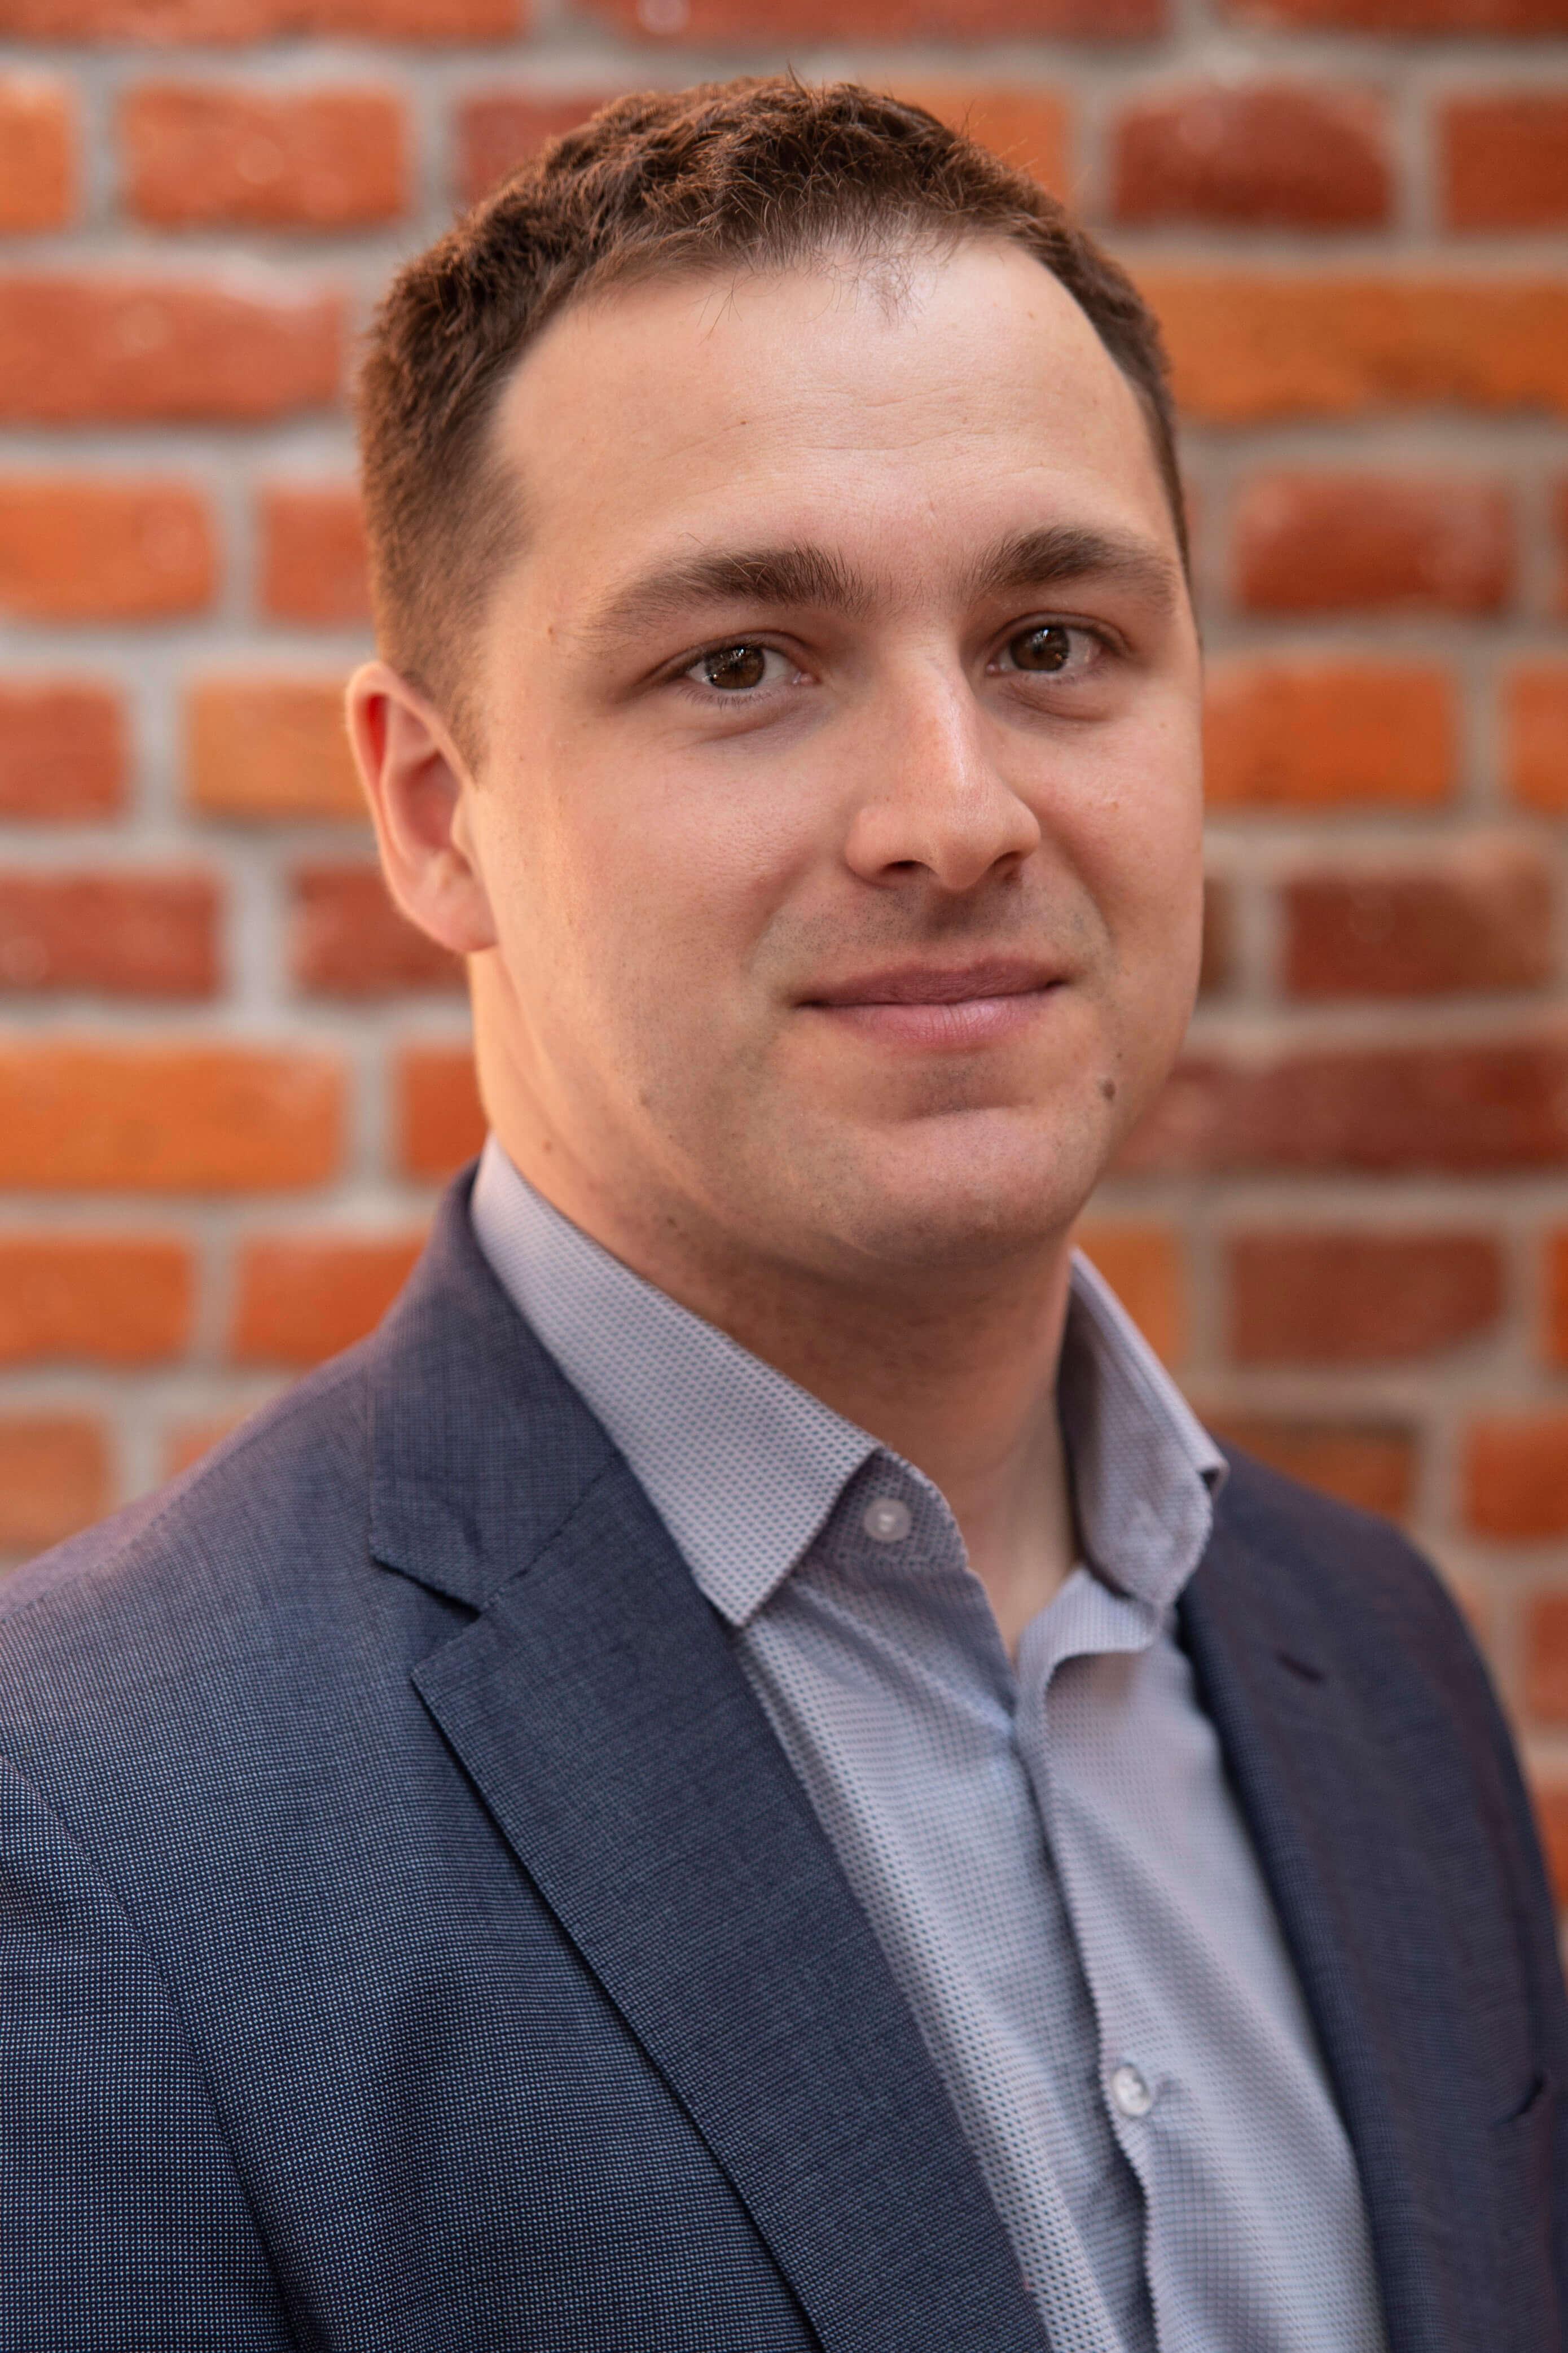 Szymon Bartkowiak / CEO